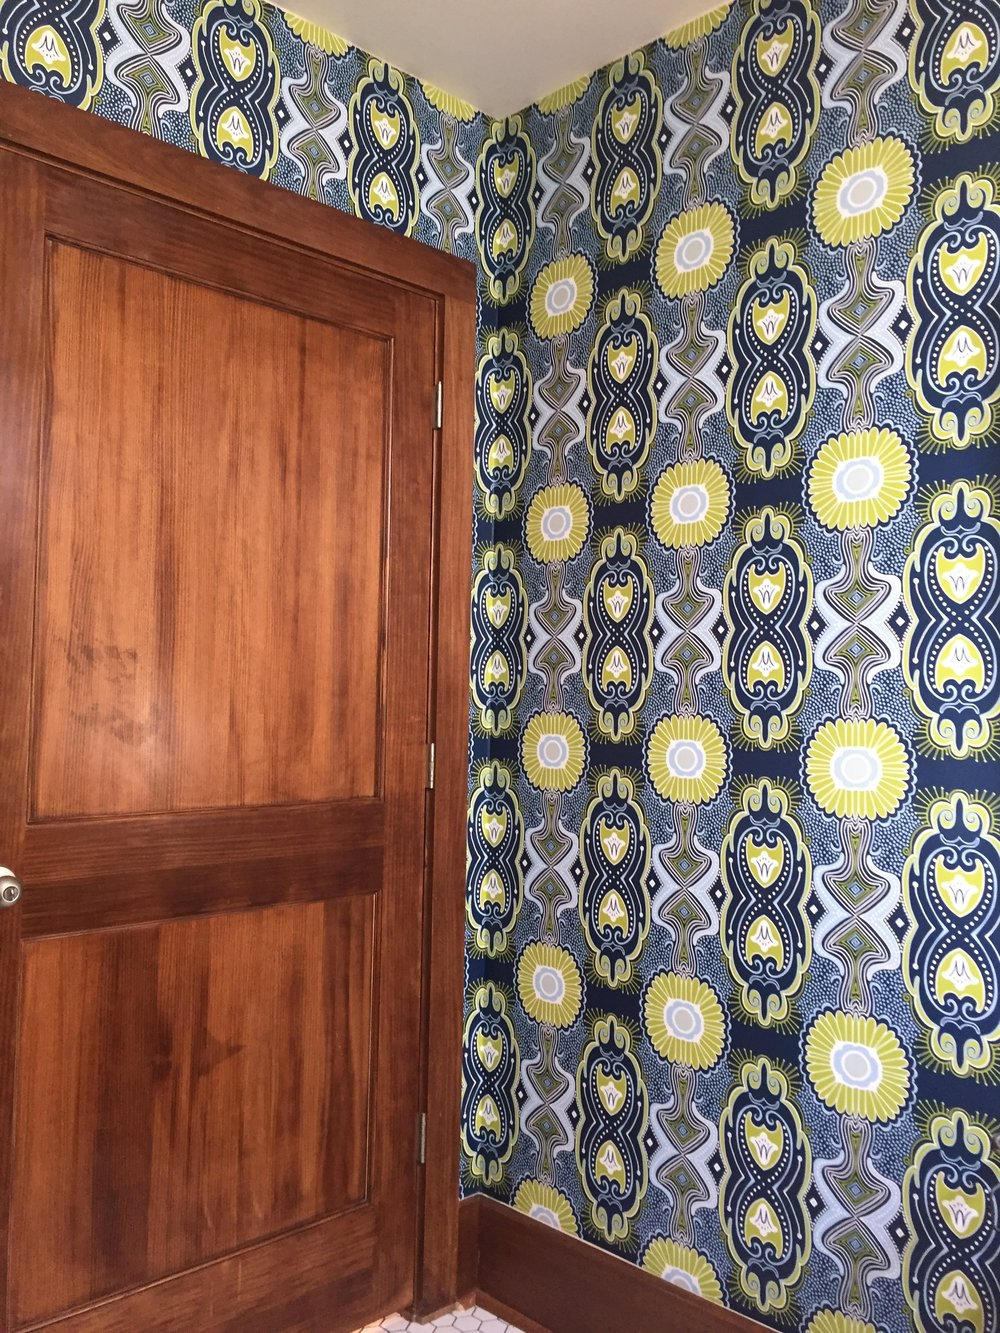 tlm wallpaper 1.JPG